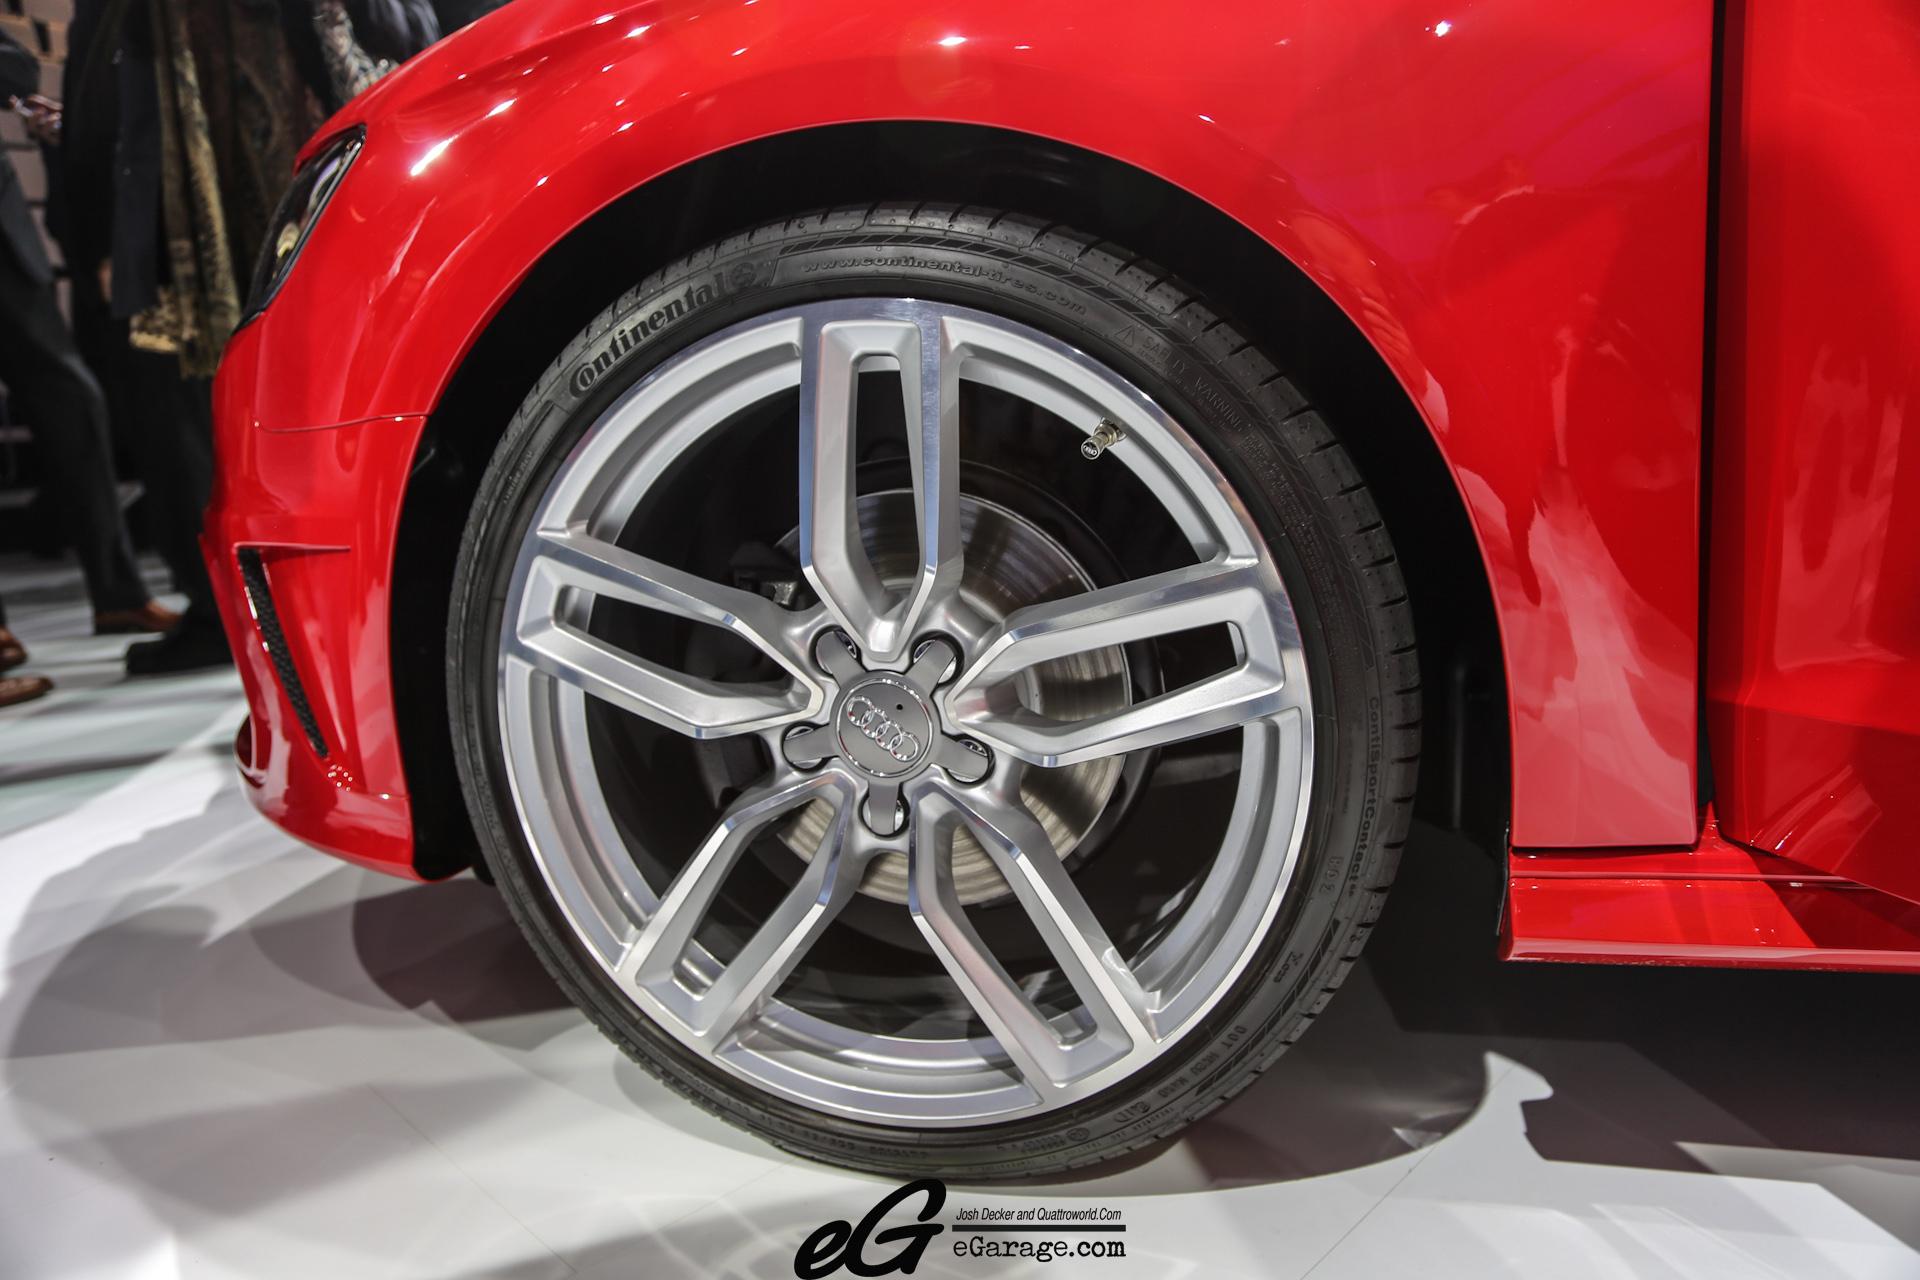 8030383101 b40a05d716 o 2012 Paris Motor Show